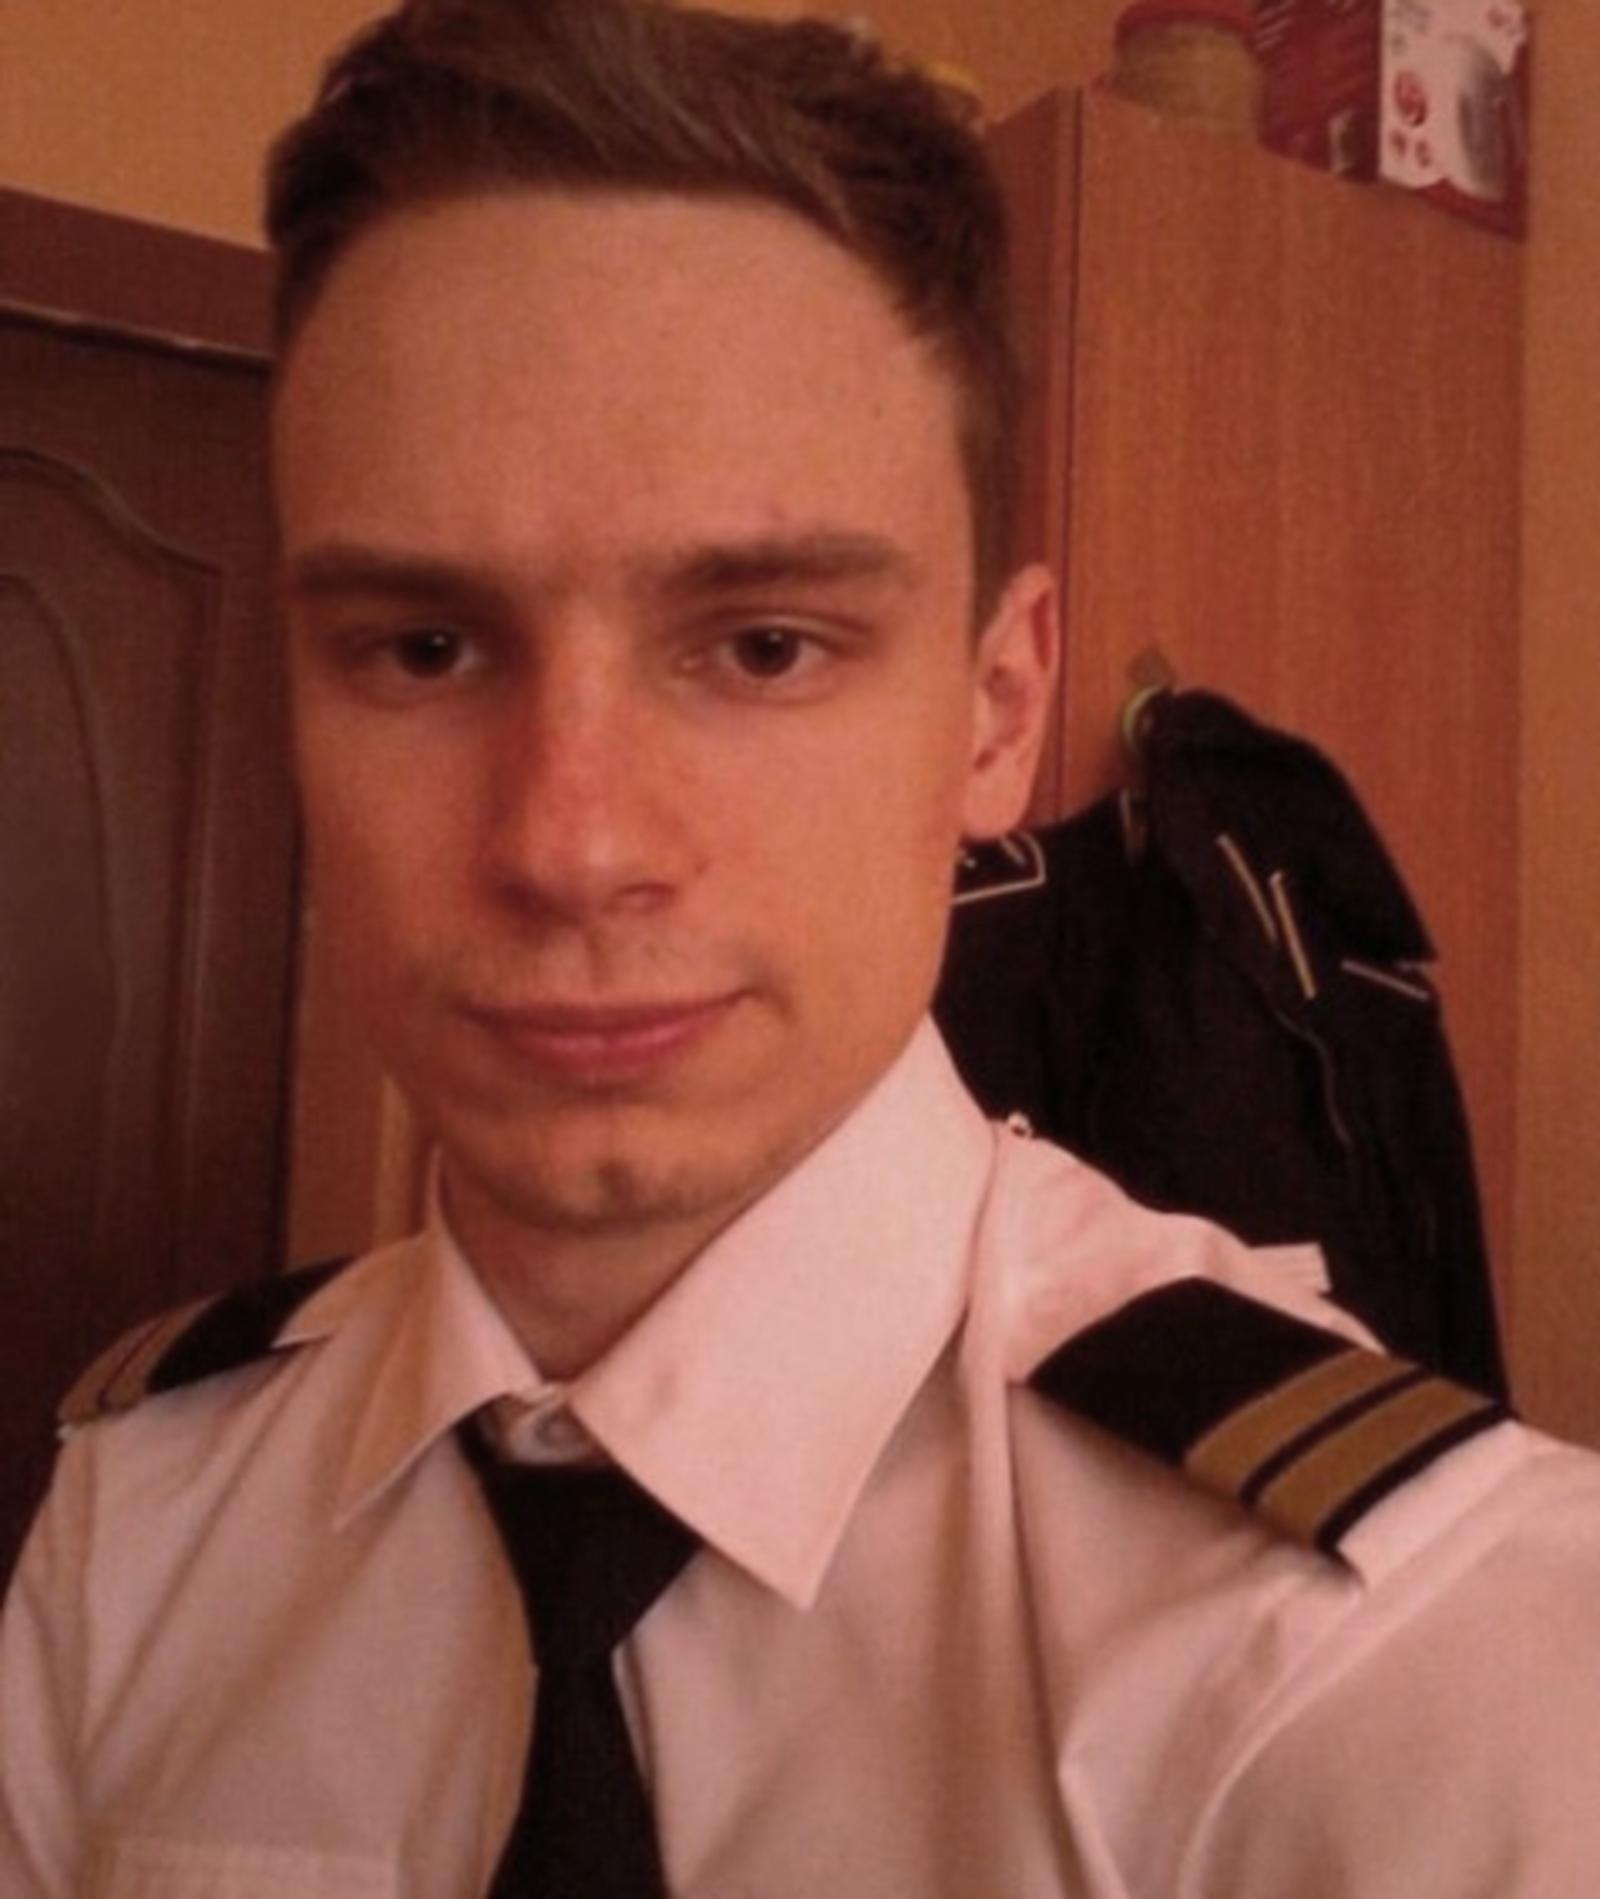 Второй пилот Георгий Мурзин / Аккаунт губернатора Свердловской области Евгения Куйвашева в Instagram (https://www.instagram.com/evgenykuyvashev/)